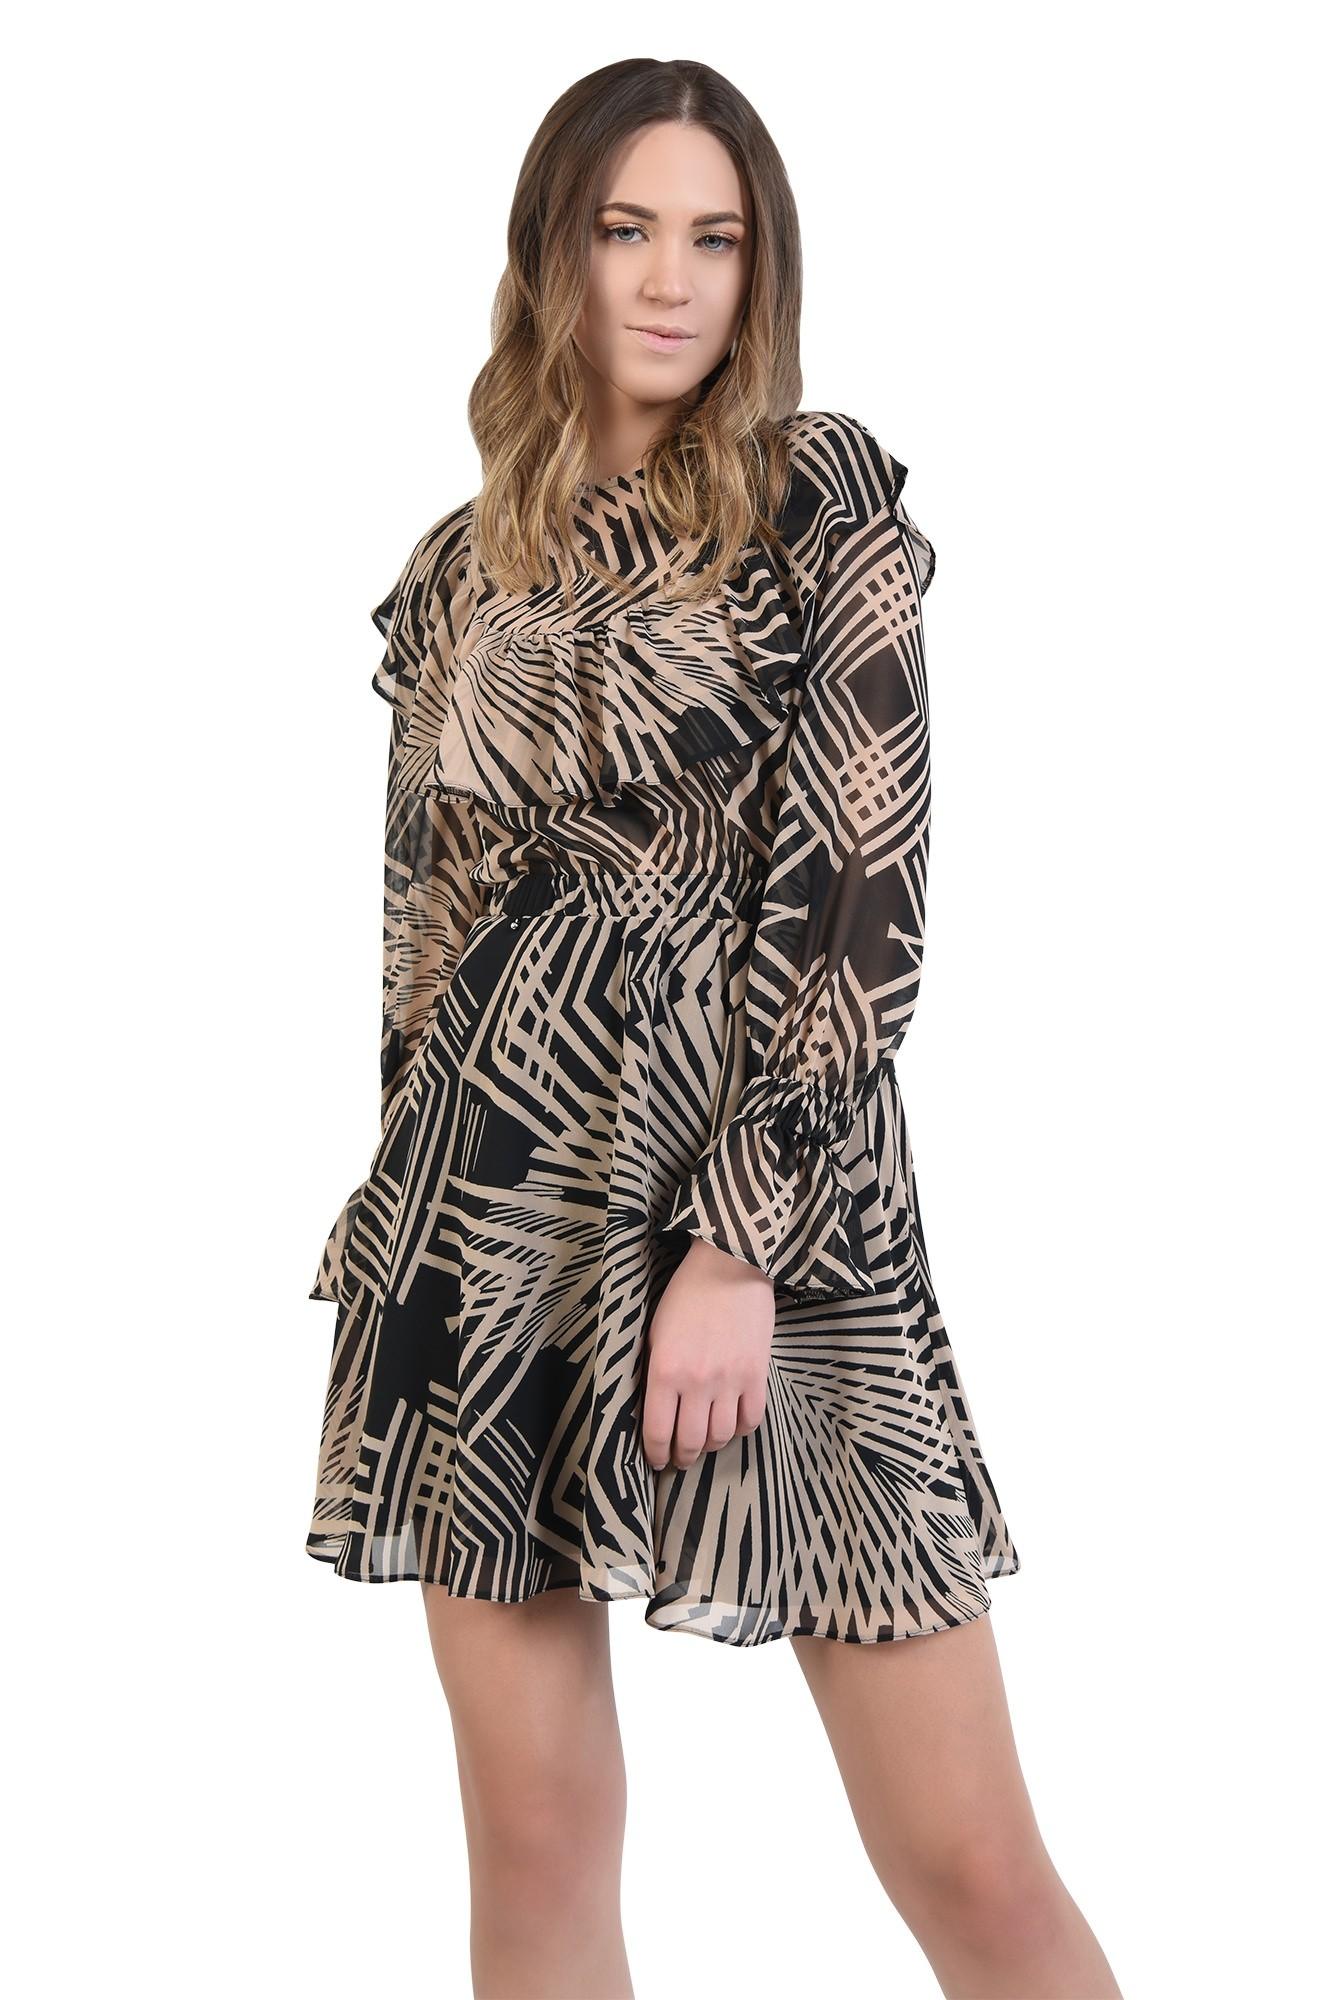 rochie mini, cu imprimeu abstract, negru, bej, talie pe elastic, volan